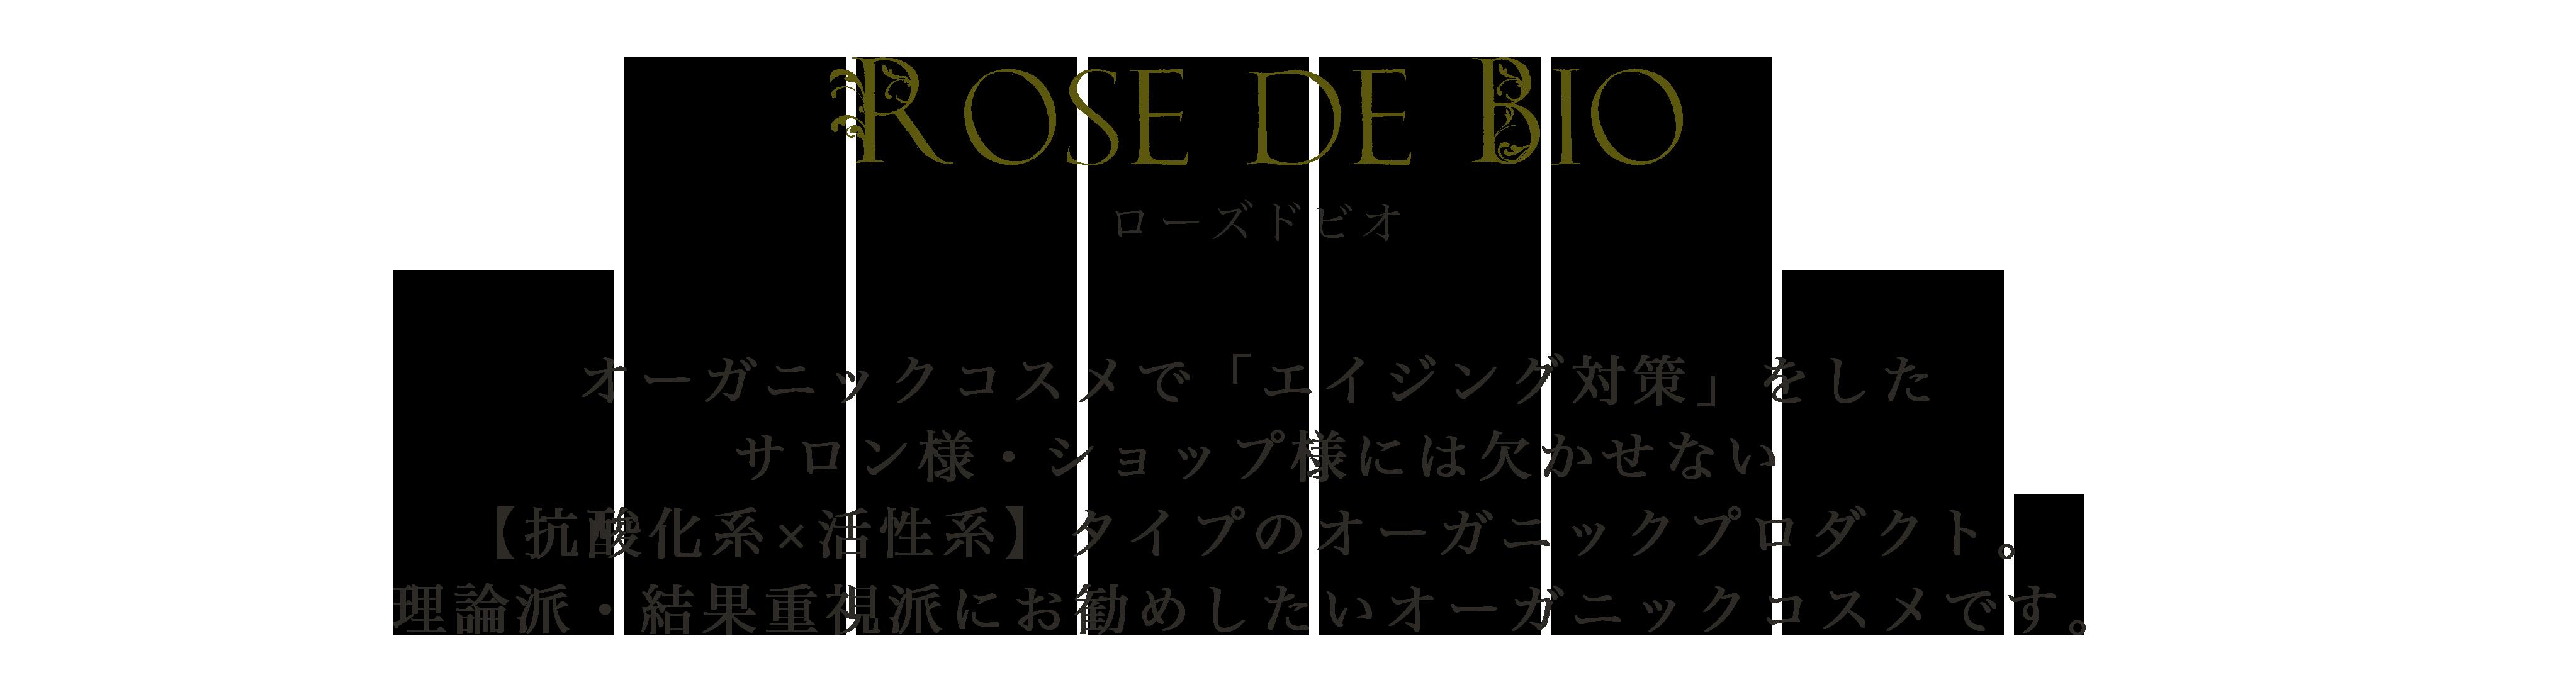 Rose de Bio